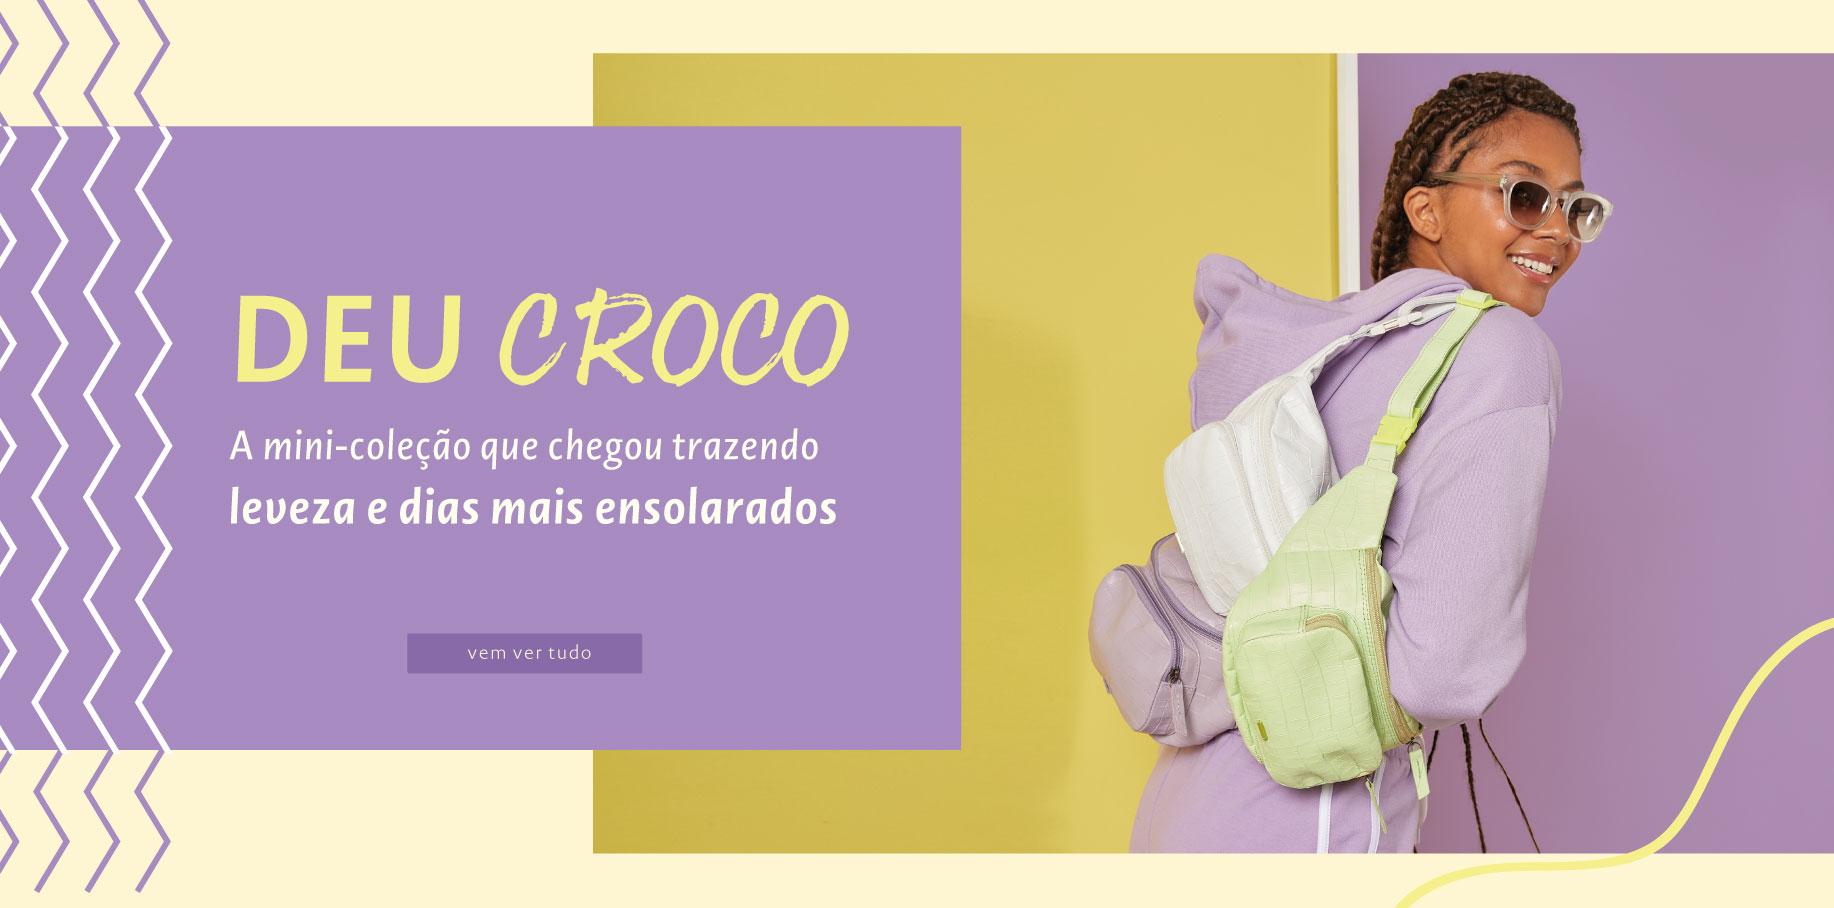 Deu-Croco